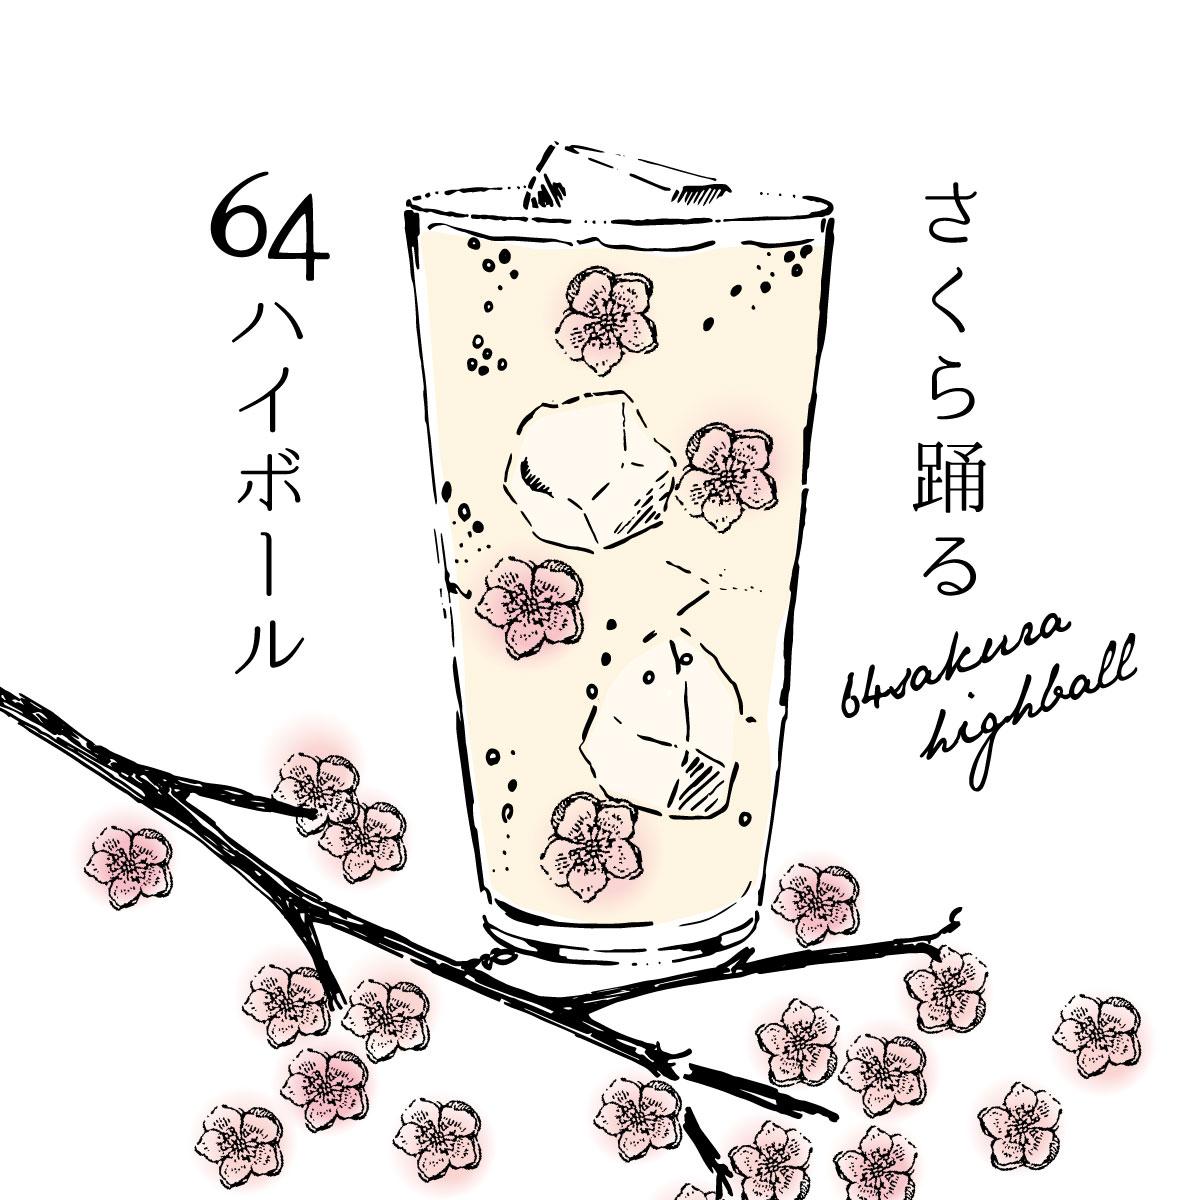 カウンターでお花見、一杯。さくら踊るハイボールで乾杯。<br><br>/Bar&Bistro 64